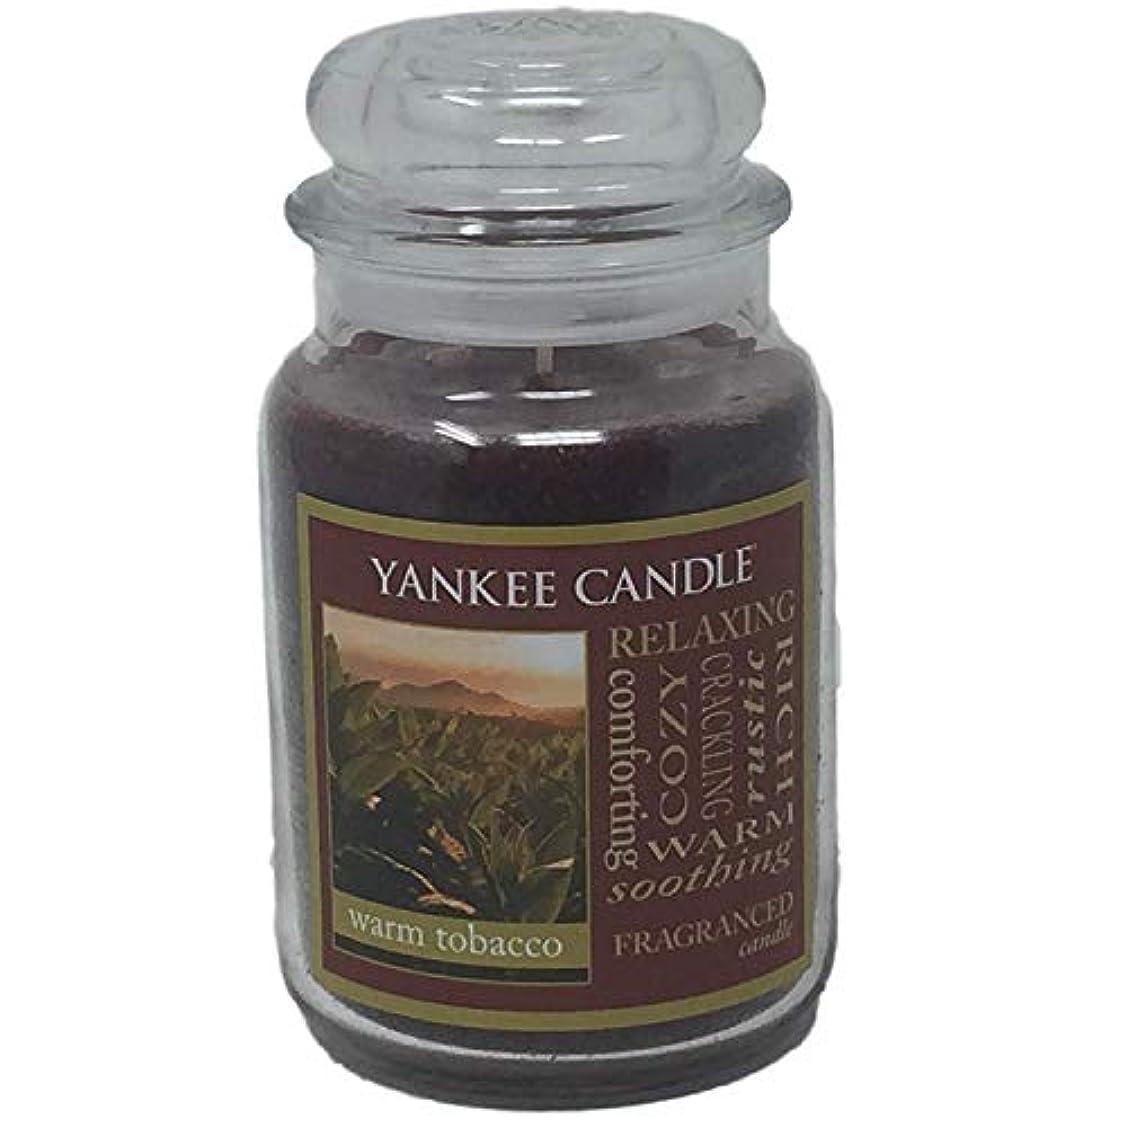 妊娠したオフセット肘掛け椅子Yankee Candle WarmタバコJar Candle – 22 oz Largeサイズ